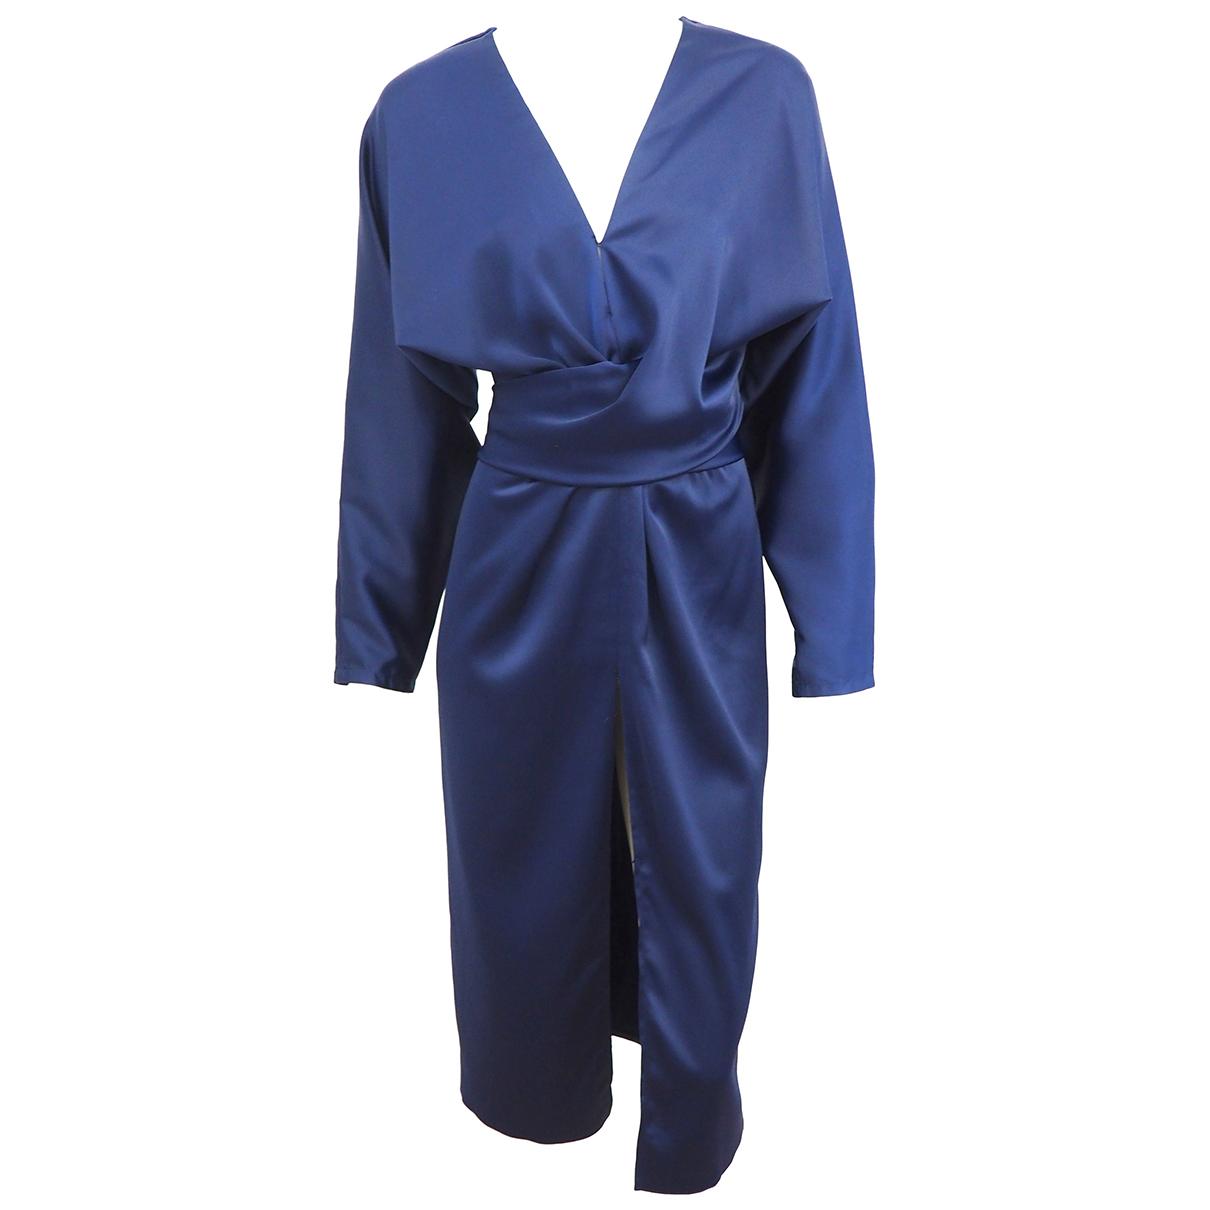 Asos \N Kleid in  Marine Polyester